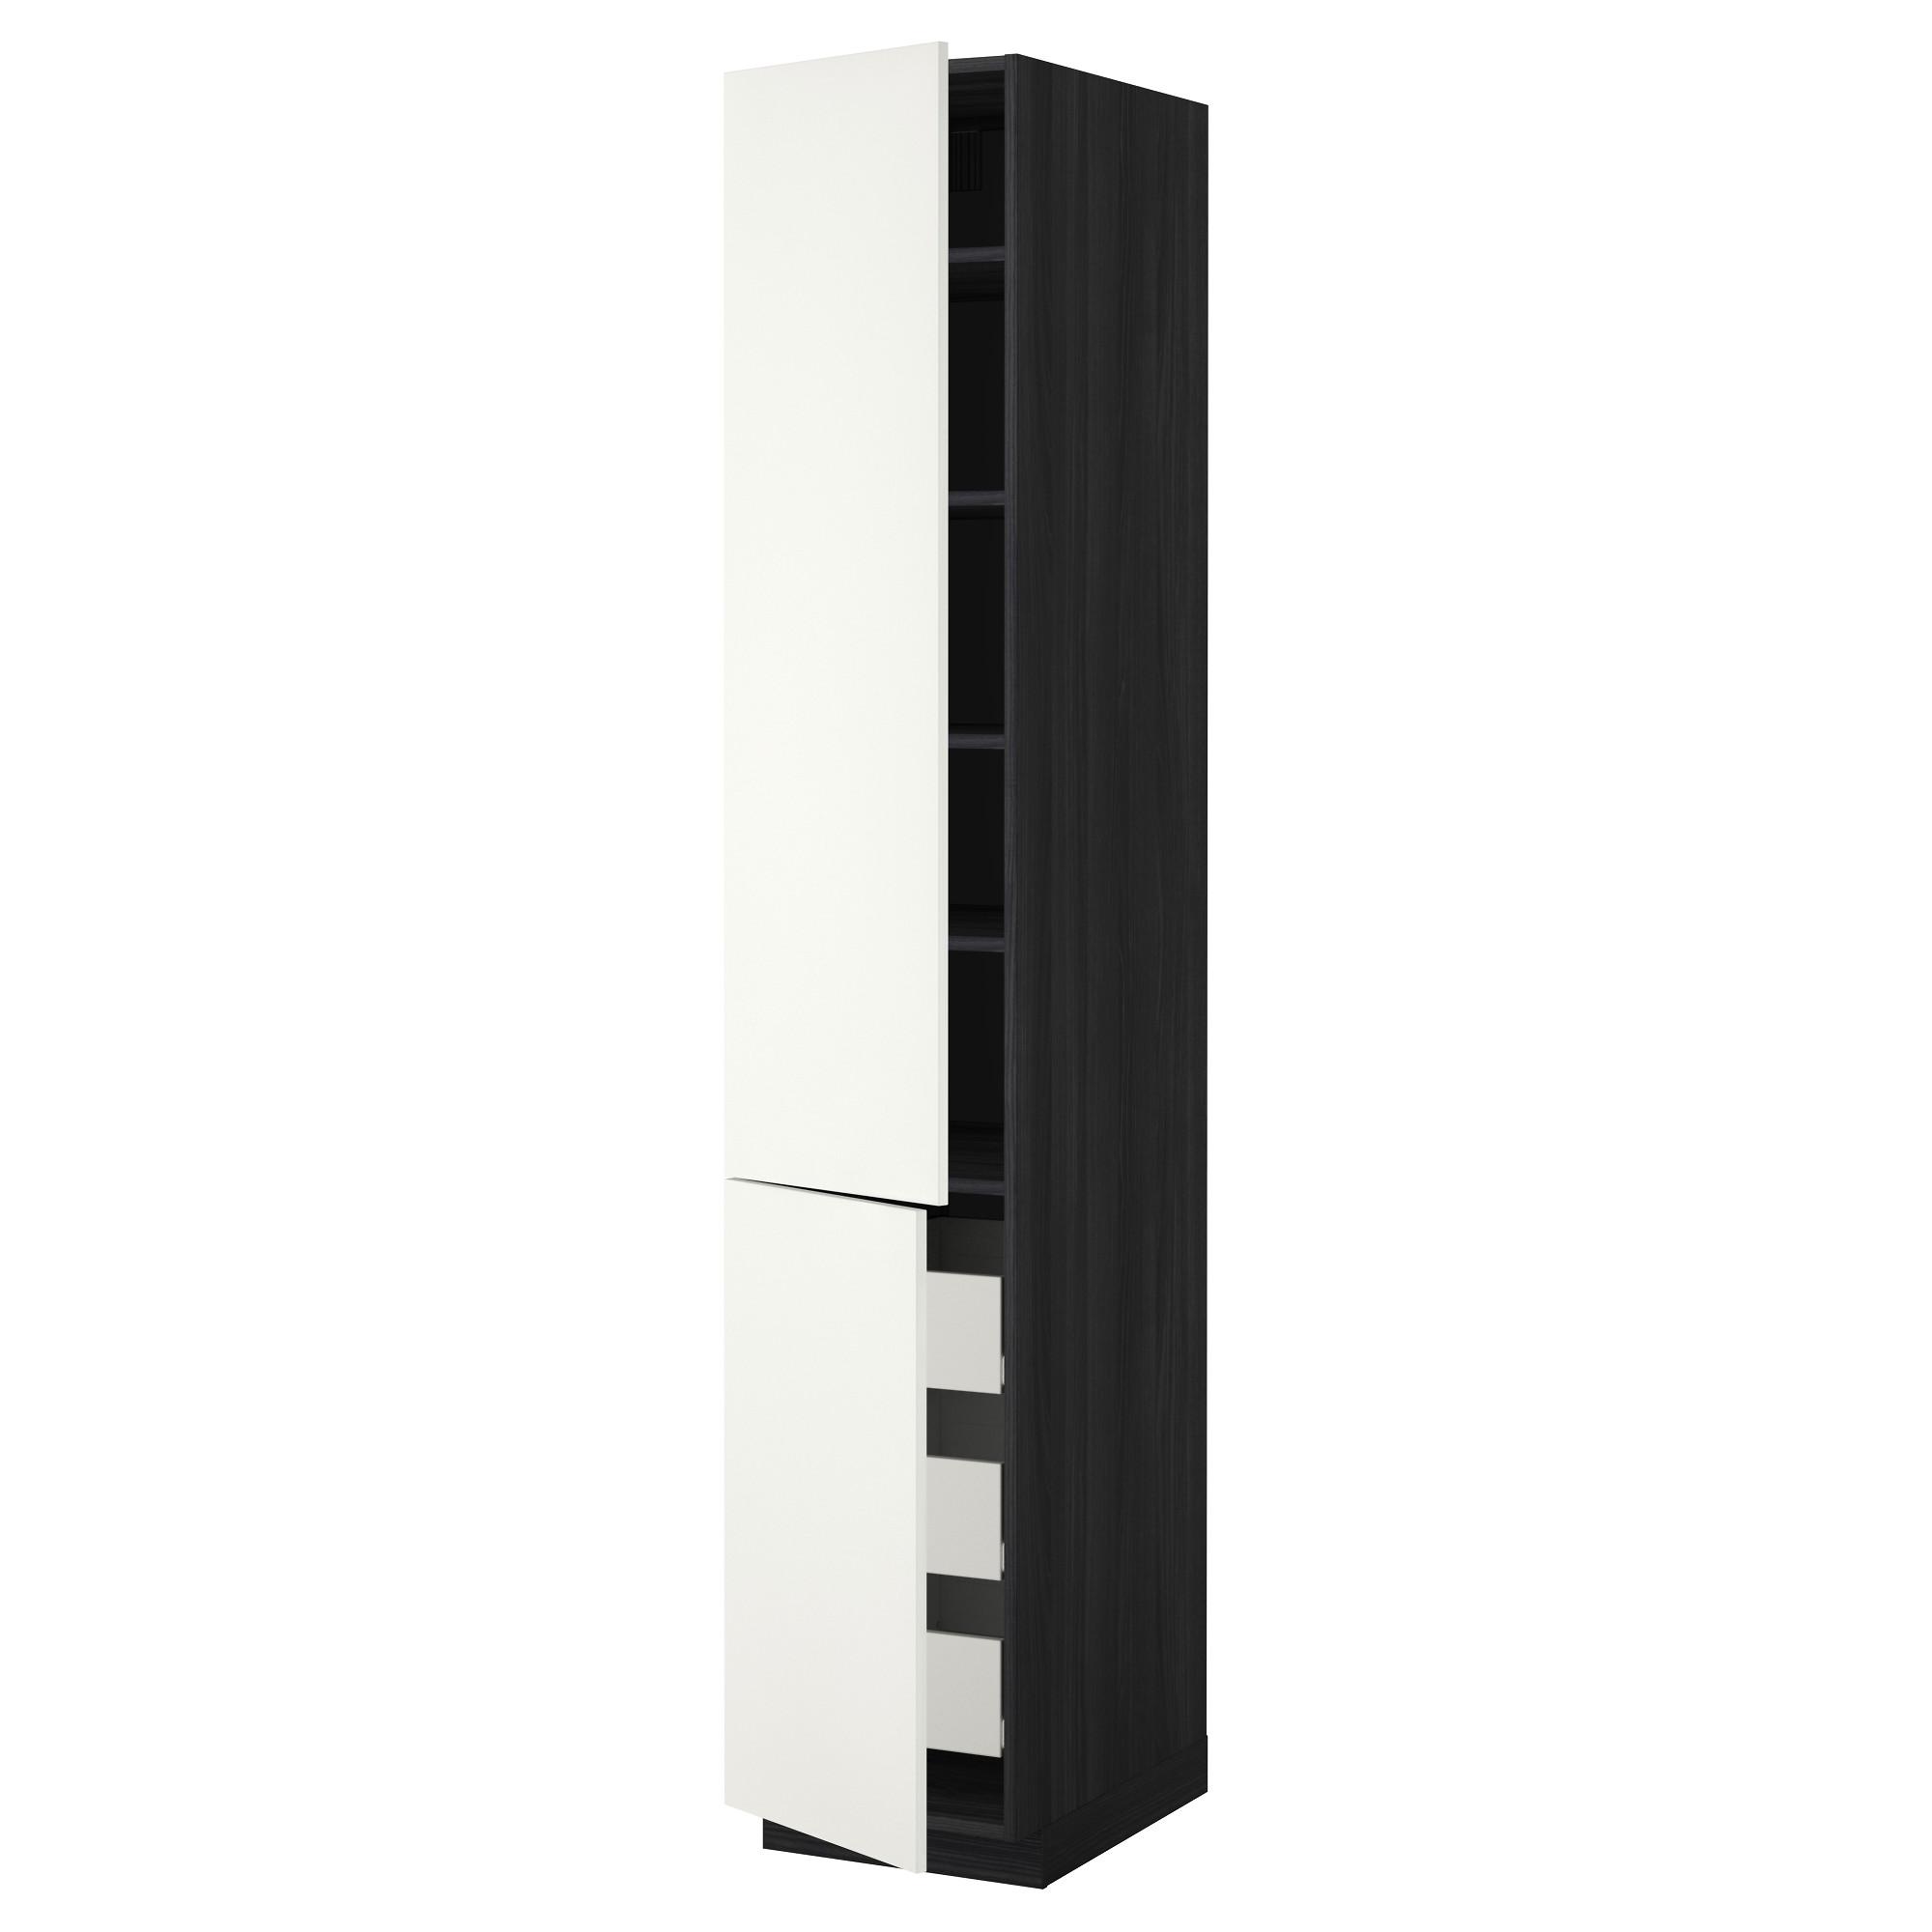 Высокий шкаф + полки, 3 ящика, 2 дверцы МЕТОД / ФОРВАРА черный артикуль № 592.620.90 в наличии. Онлайн сайт IKEA Беларусь. Недорогая доставка и установка.